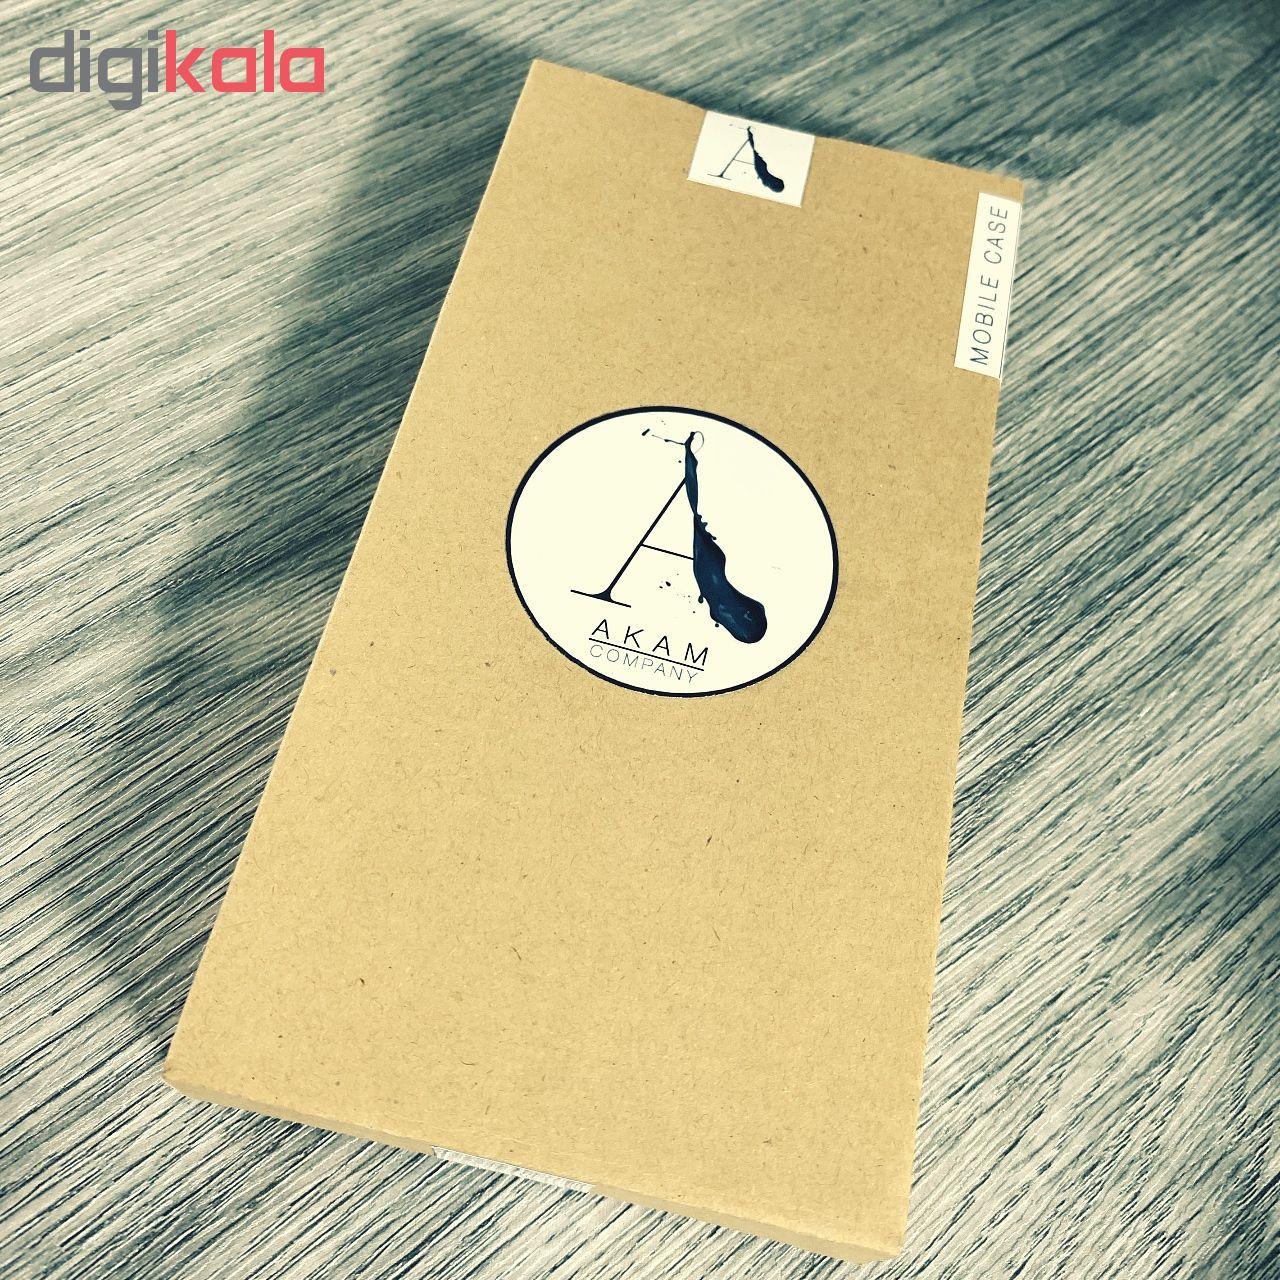 کاور مدل A70368 مناسب برای گوشی موبایل اپل iPhone 7/8 main 1 1